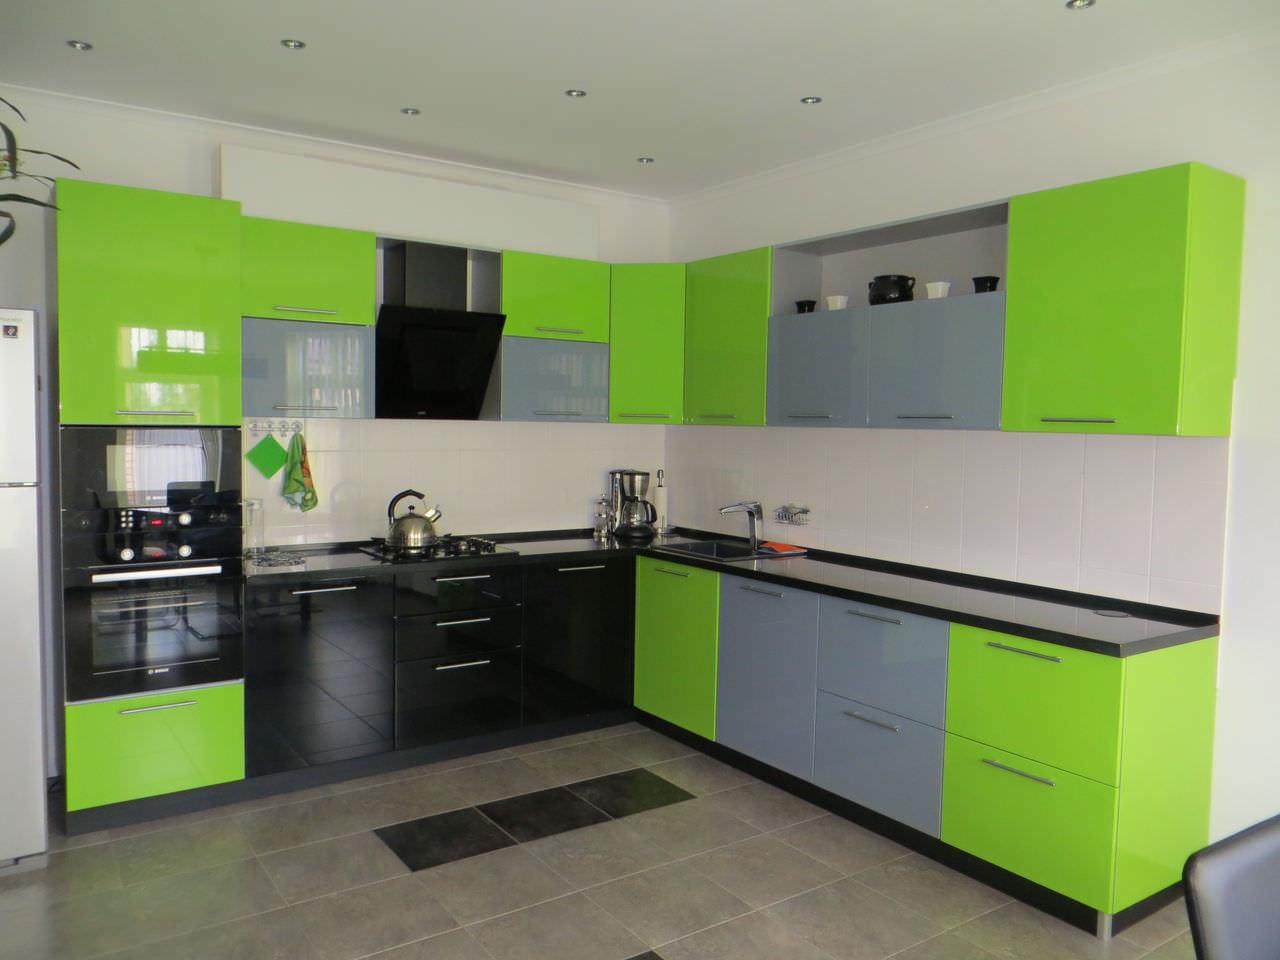 Выбор кухонных фасадов: какие бывают и какие лучше выбрать